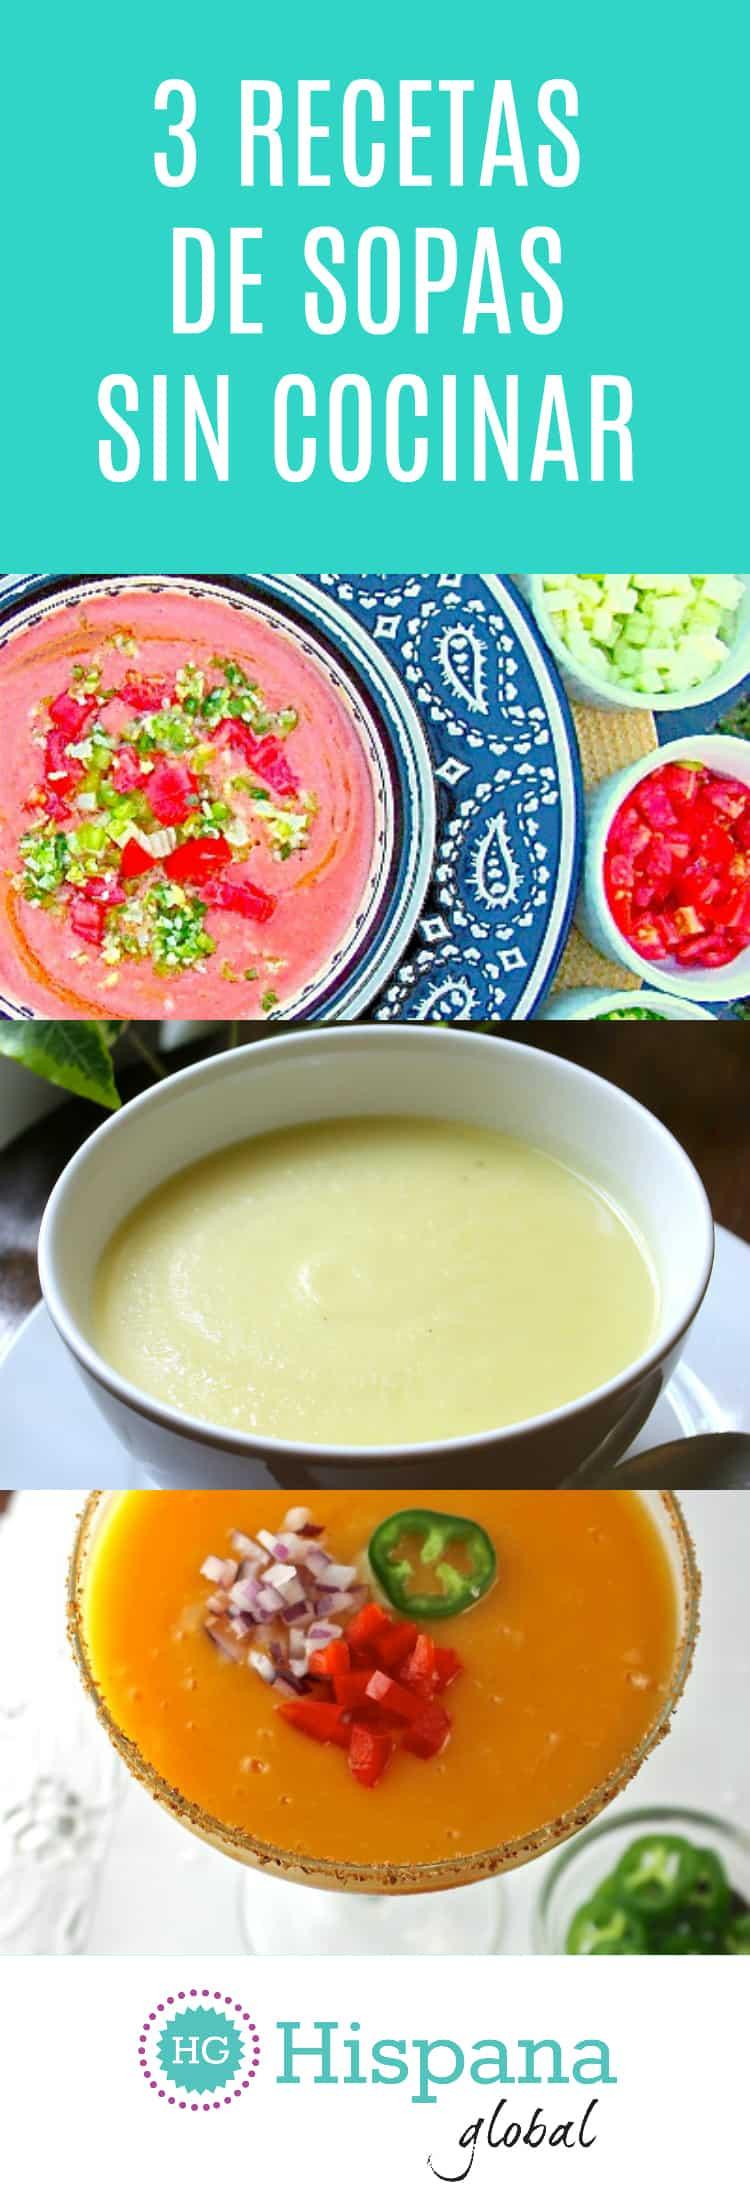 Recetas de sopas frías, sopas sin cocinar como gazpacho de mango, sopa de yogurt y pepino